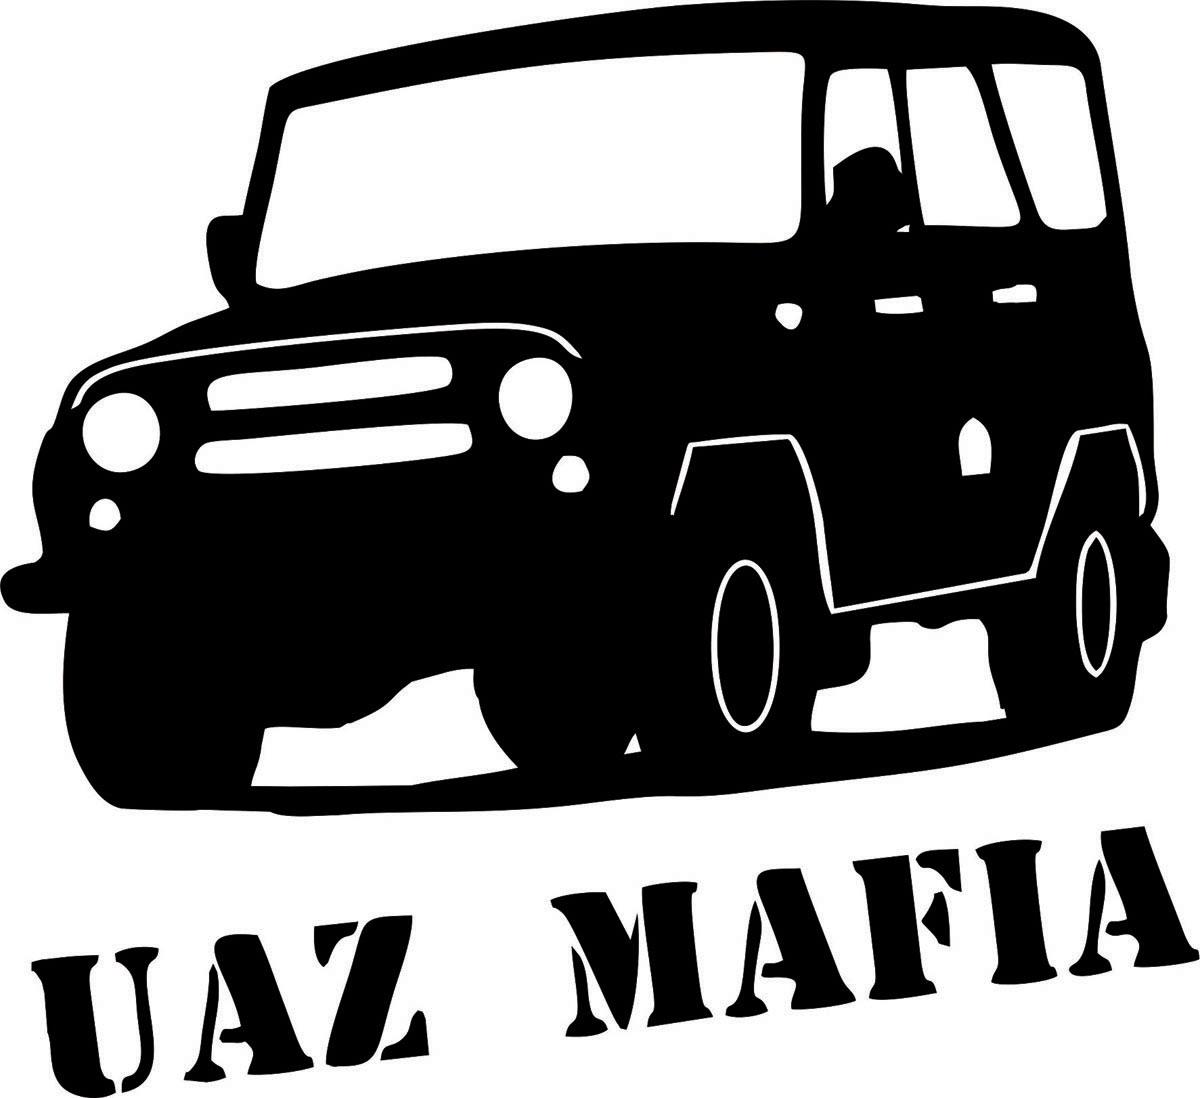 Наклейка автомобильная Оранжевый слоник UAZ Mafia 2, виниловая, цвет: черный1504400016BОригинальная наклейка Оранжевый слоник UAZ Mafia 2 изготовлена из высококачественной виниловой пленки, которая выполняет не только декоративную функцию, но и защищает кузов автомобиля от небольших механических повреждений, либо скрывает уже существующие.Виниловые наклейки на автомобиль - это не только красиво, но еще и быстро! Всего за несколько минут вы можете полностью преобразить свой автомобиль, сделать его ярким, необычным, особенным и неповторимым!